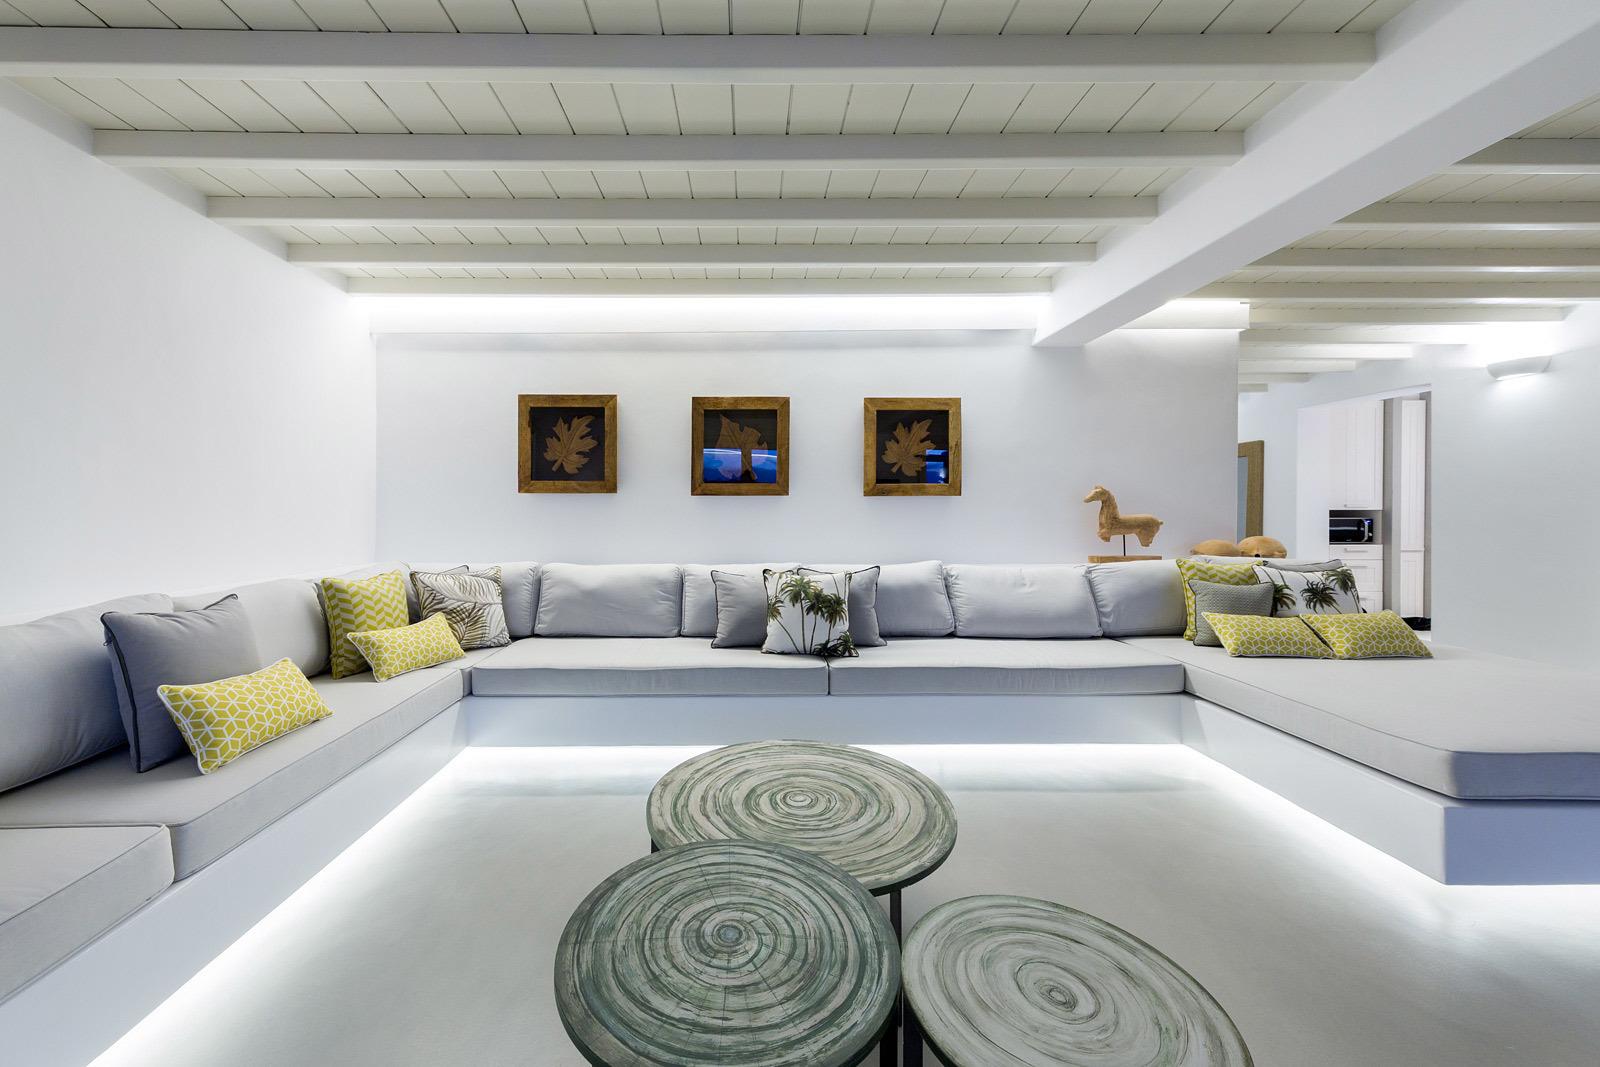 Ecco come illuminare la cucine e la zona living con le strip led - Strisce a led per interni ...